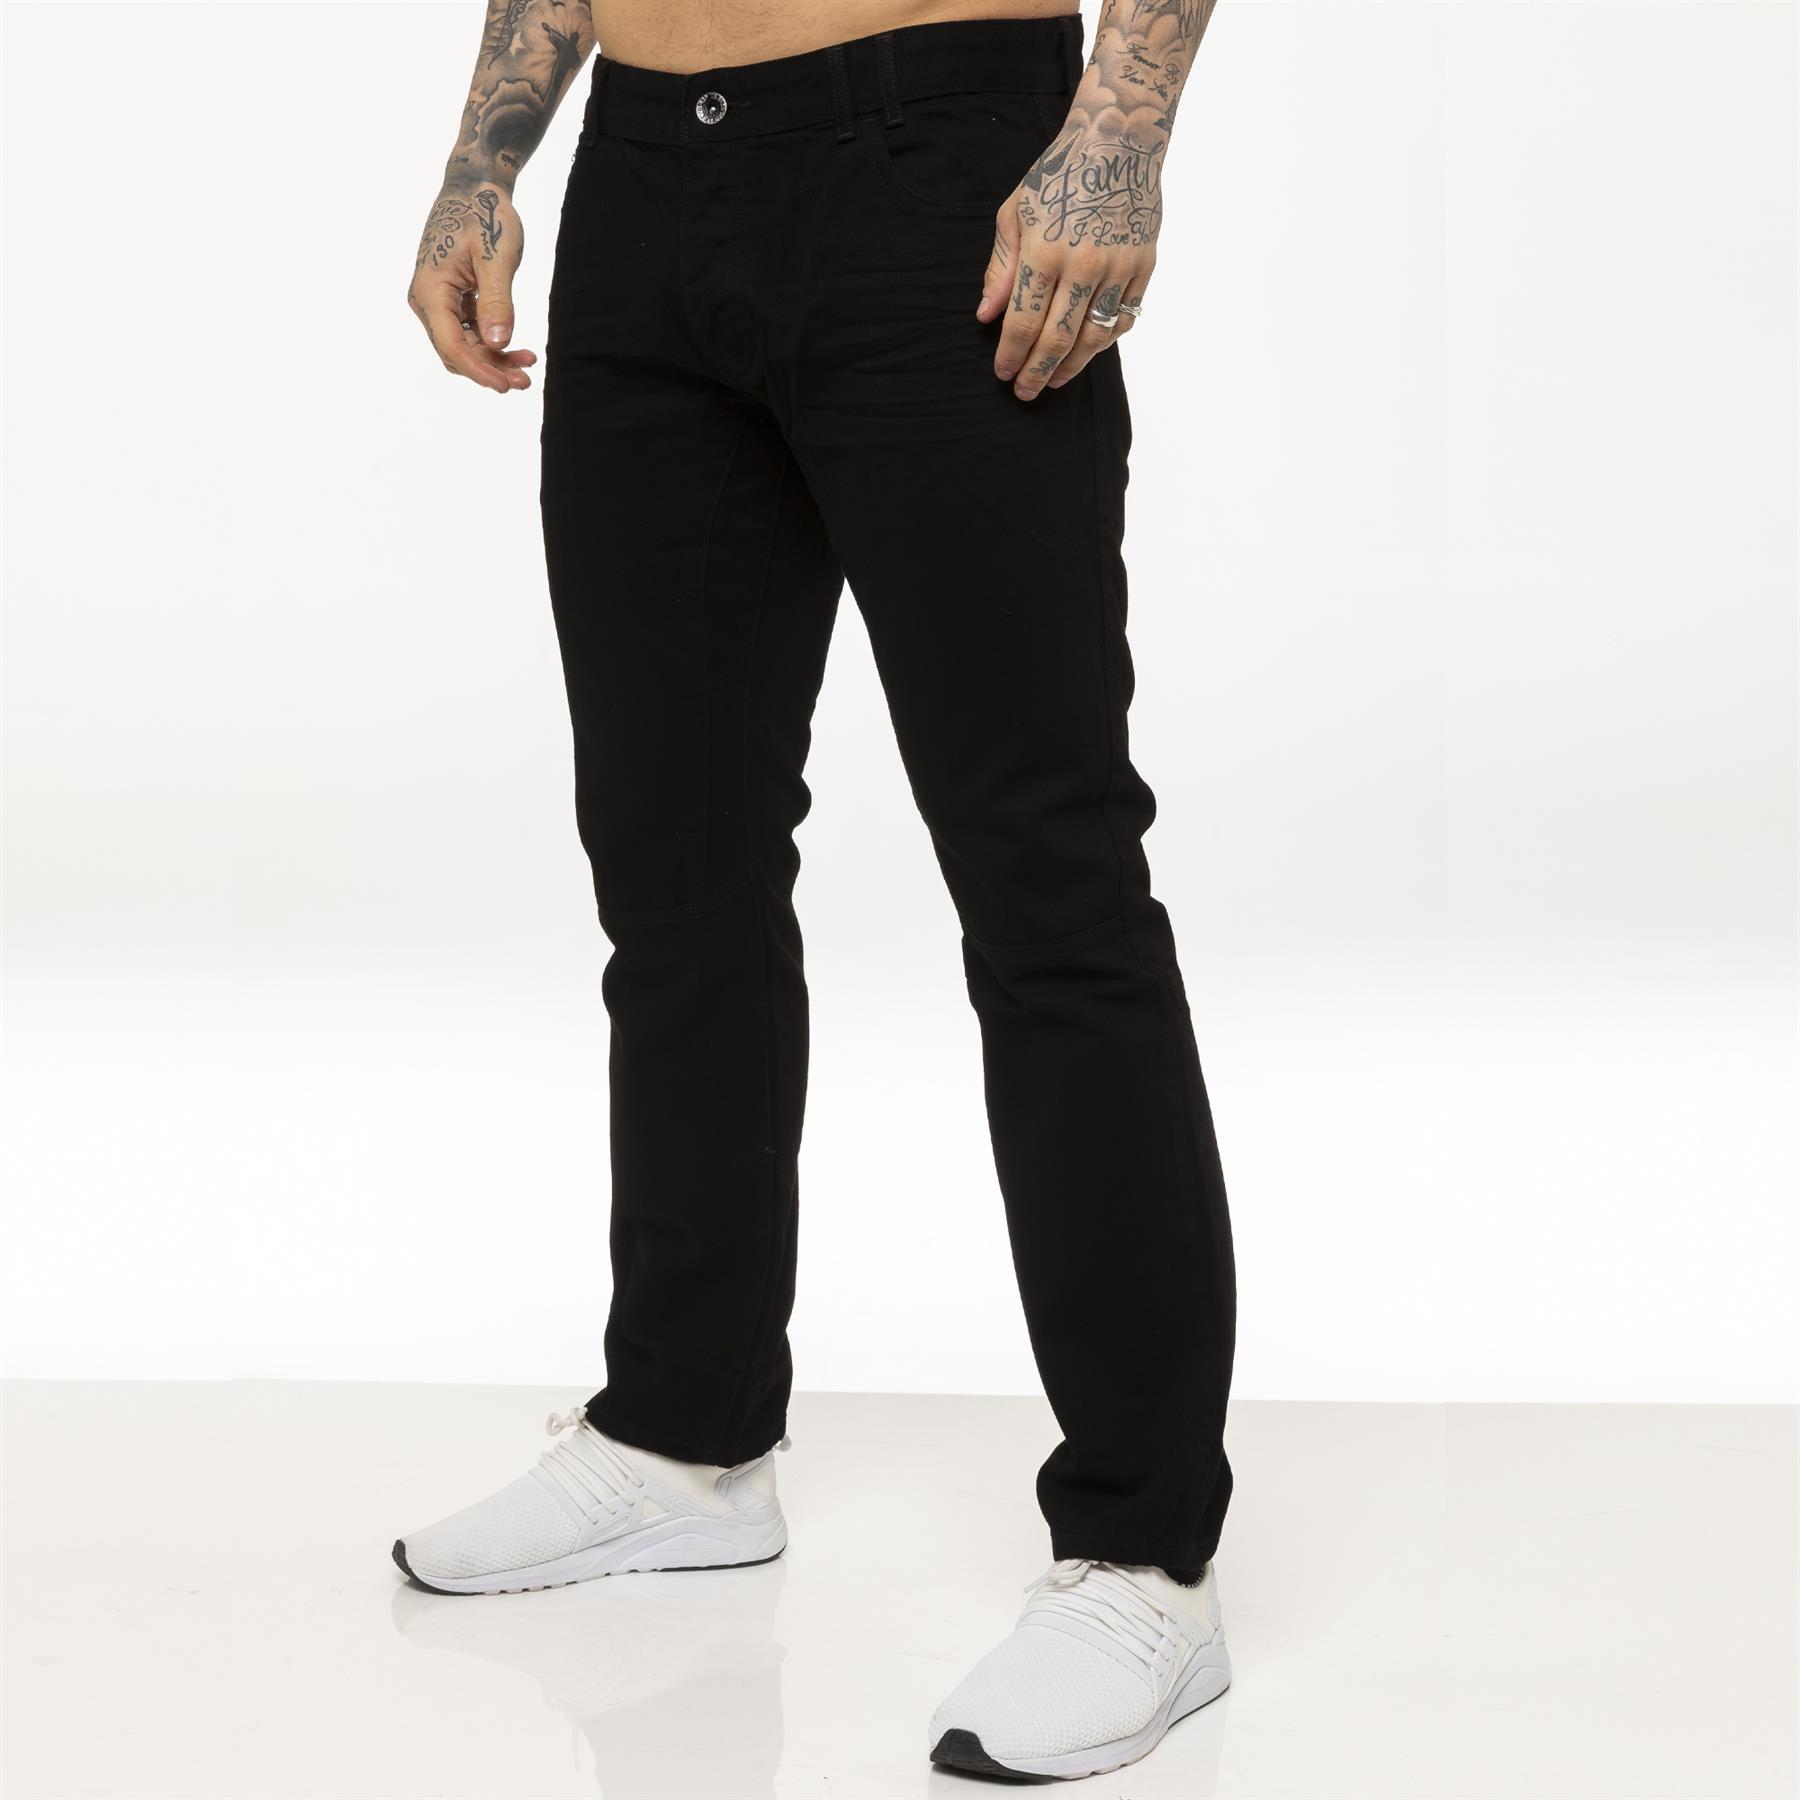 miniature 3 - Enzo pour homme coupe droite regular leg homme travail Denim Pantalon Toutes Tailles Tailles